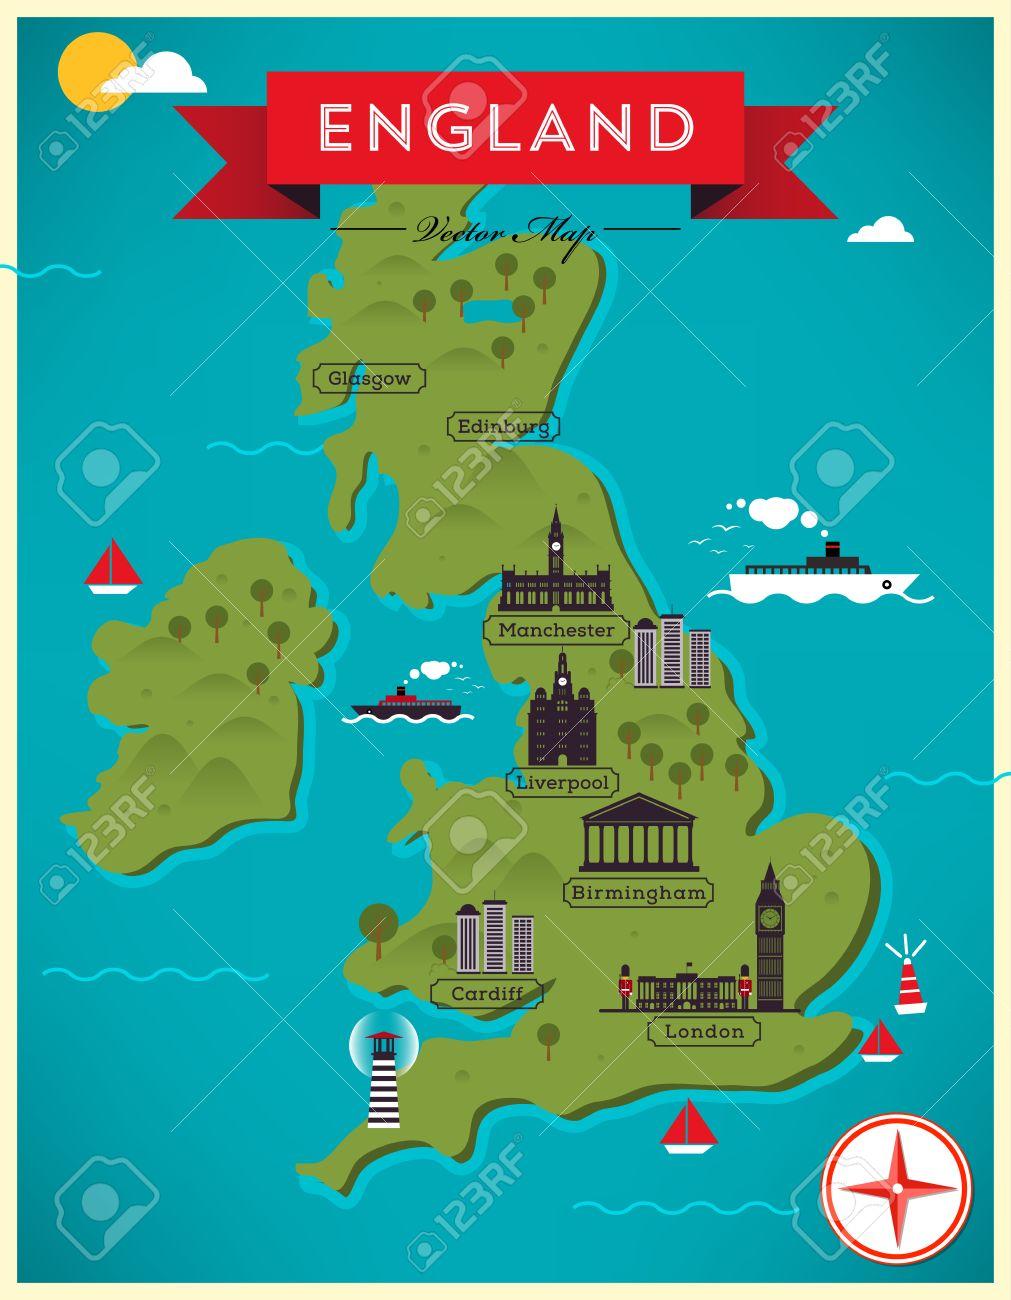 Map of England Illustration Uk Map Illustration on australia illustration, london illustration, singapore illustration, tv illustration, chile illustration, italy illustration, thailand illustration, africa illustration, china illustration, dj illustration,